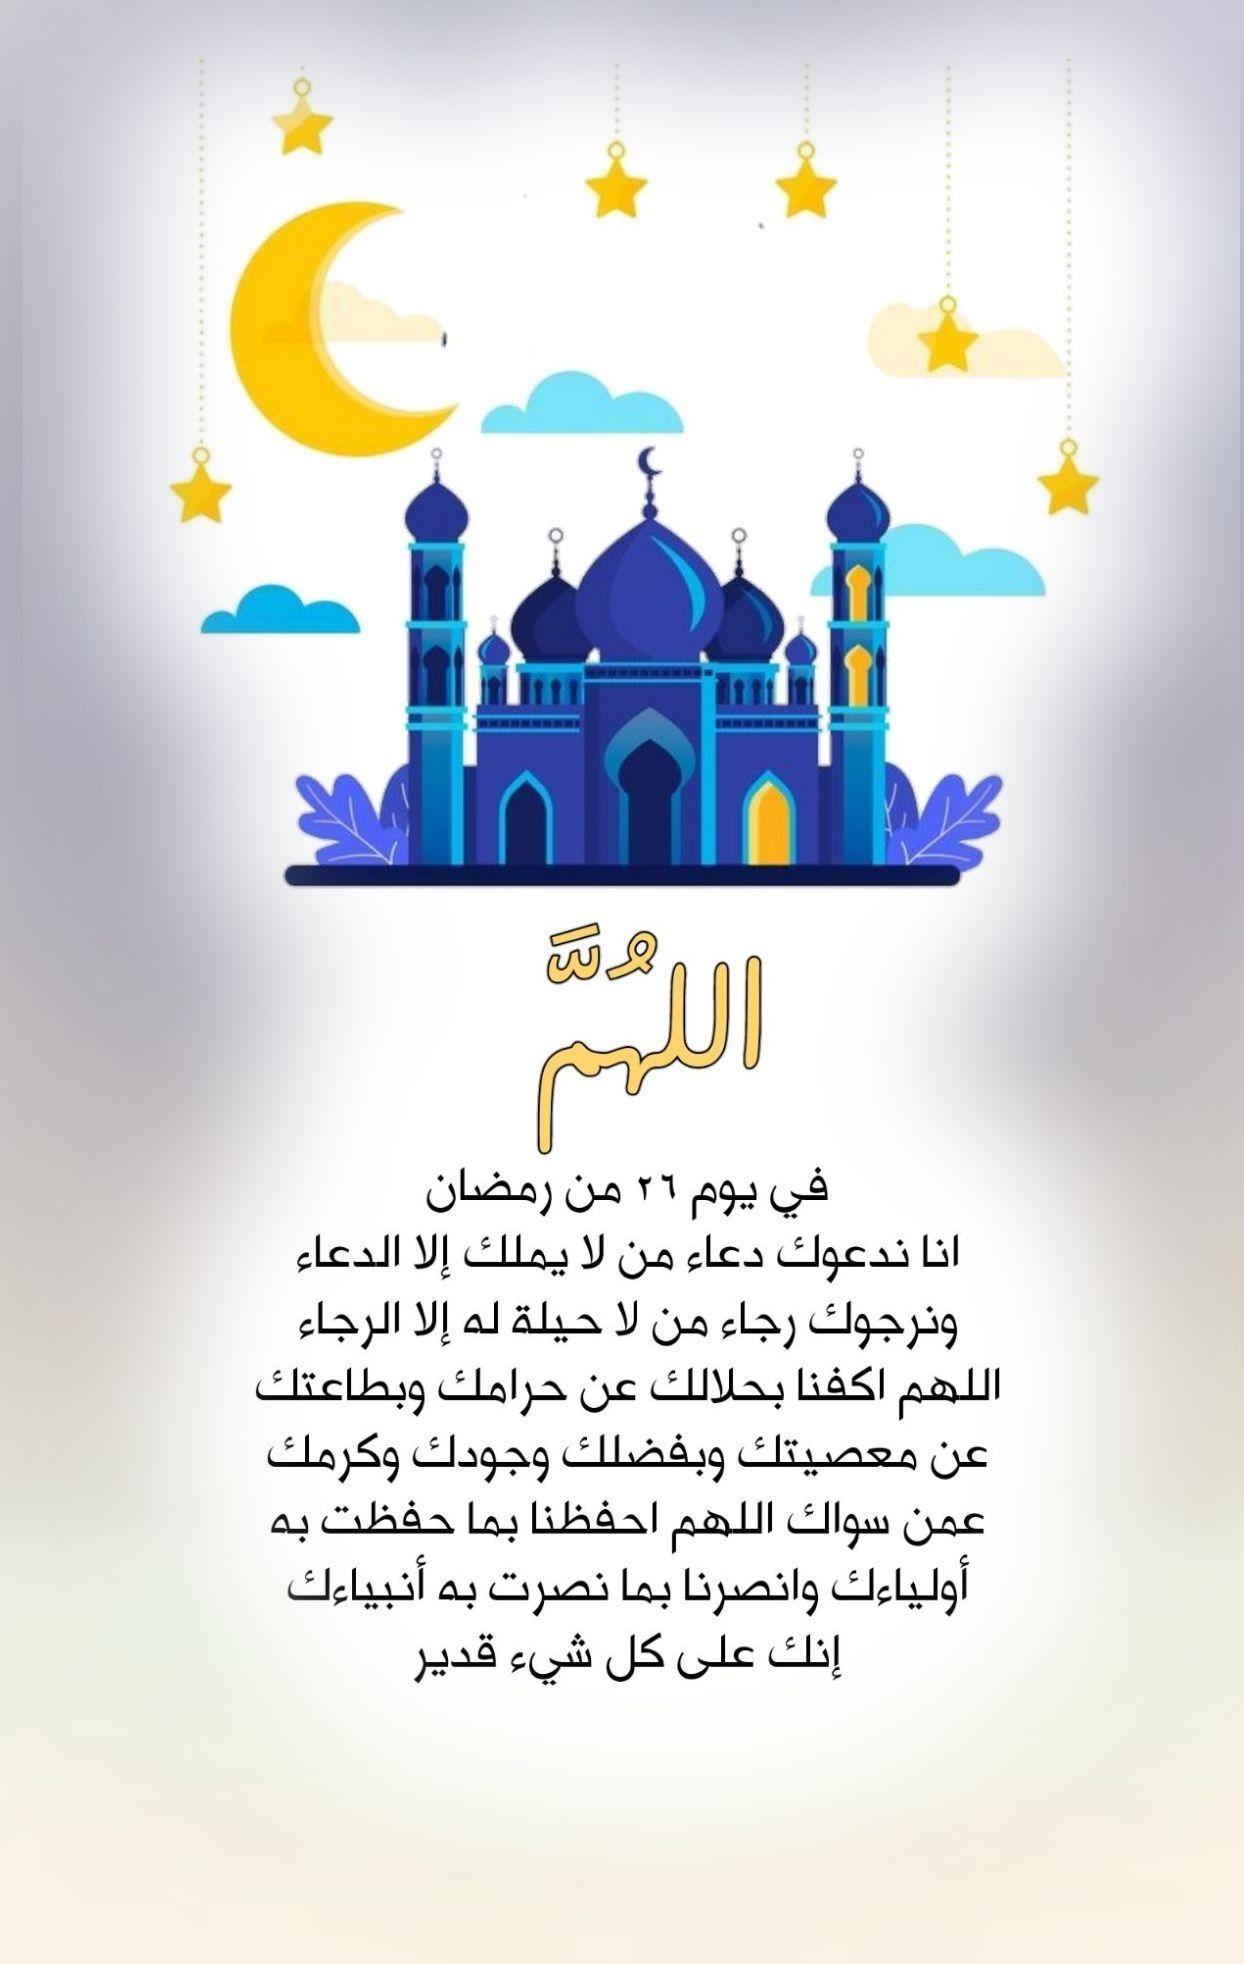 الله م في يوم ٢٦ من رمضان انا ندعوك دعاء من لا يملك إلا الدعاء ونرجوك رجاء من لا حيلة له إلا الرجاء ال Ramadan Mubarak Wallpapers Ramadan Ramadan Mubarak